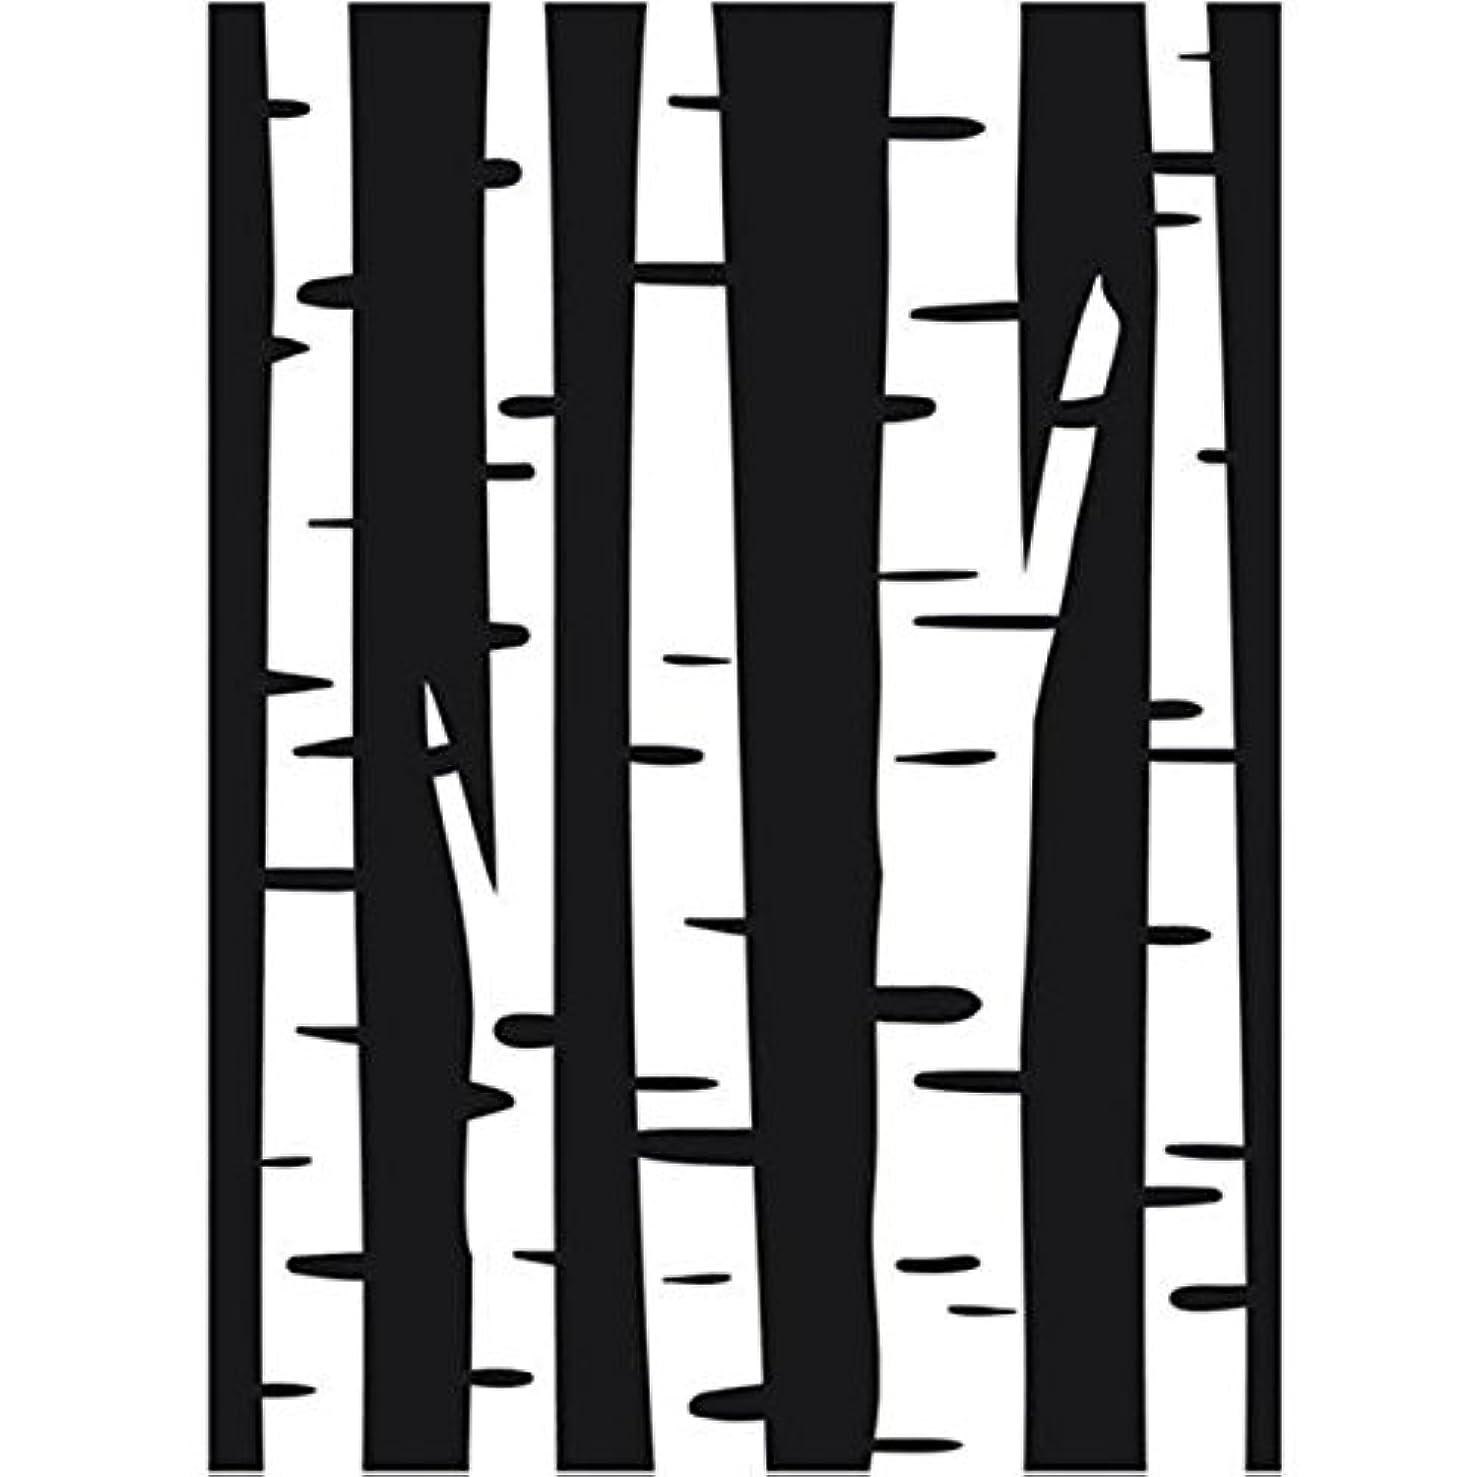 Darice Embossing Folder, 4.25 by 5.75-Inch, Birch Tree